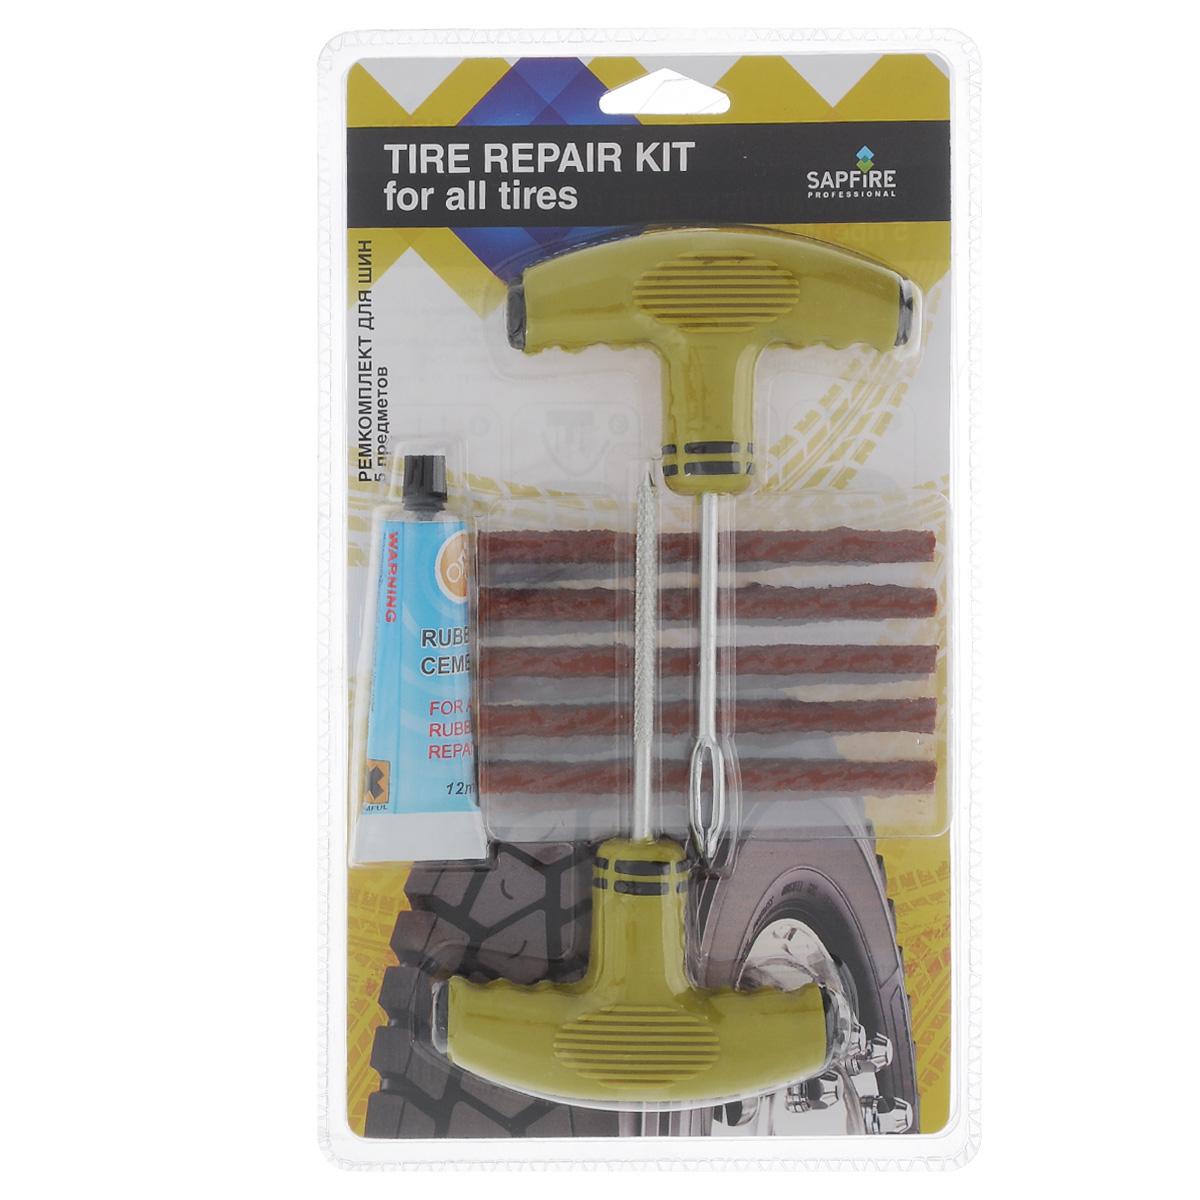 Ремкомплект для шин Sapfire, 5 предметовSCH-0307Ремкомплект Sapfire предназначен для оперативного ремонта прокола колеса в дороге и дает возможность доехать до шиномонтажного центра. В набор входят рашпиль и шило с ушком с удобными Т-образными ручками, цемент резины — 12 мл и 10 резиновых жгутов.